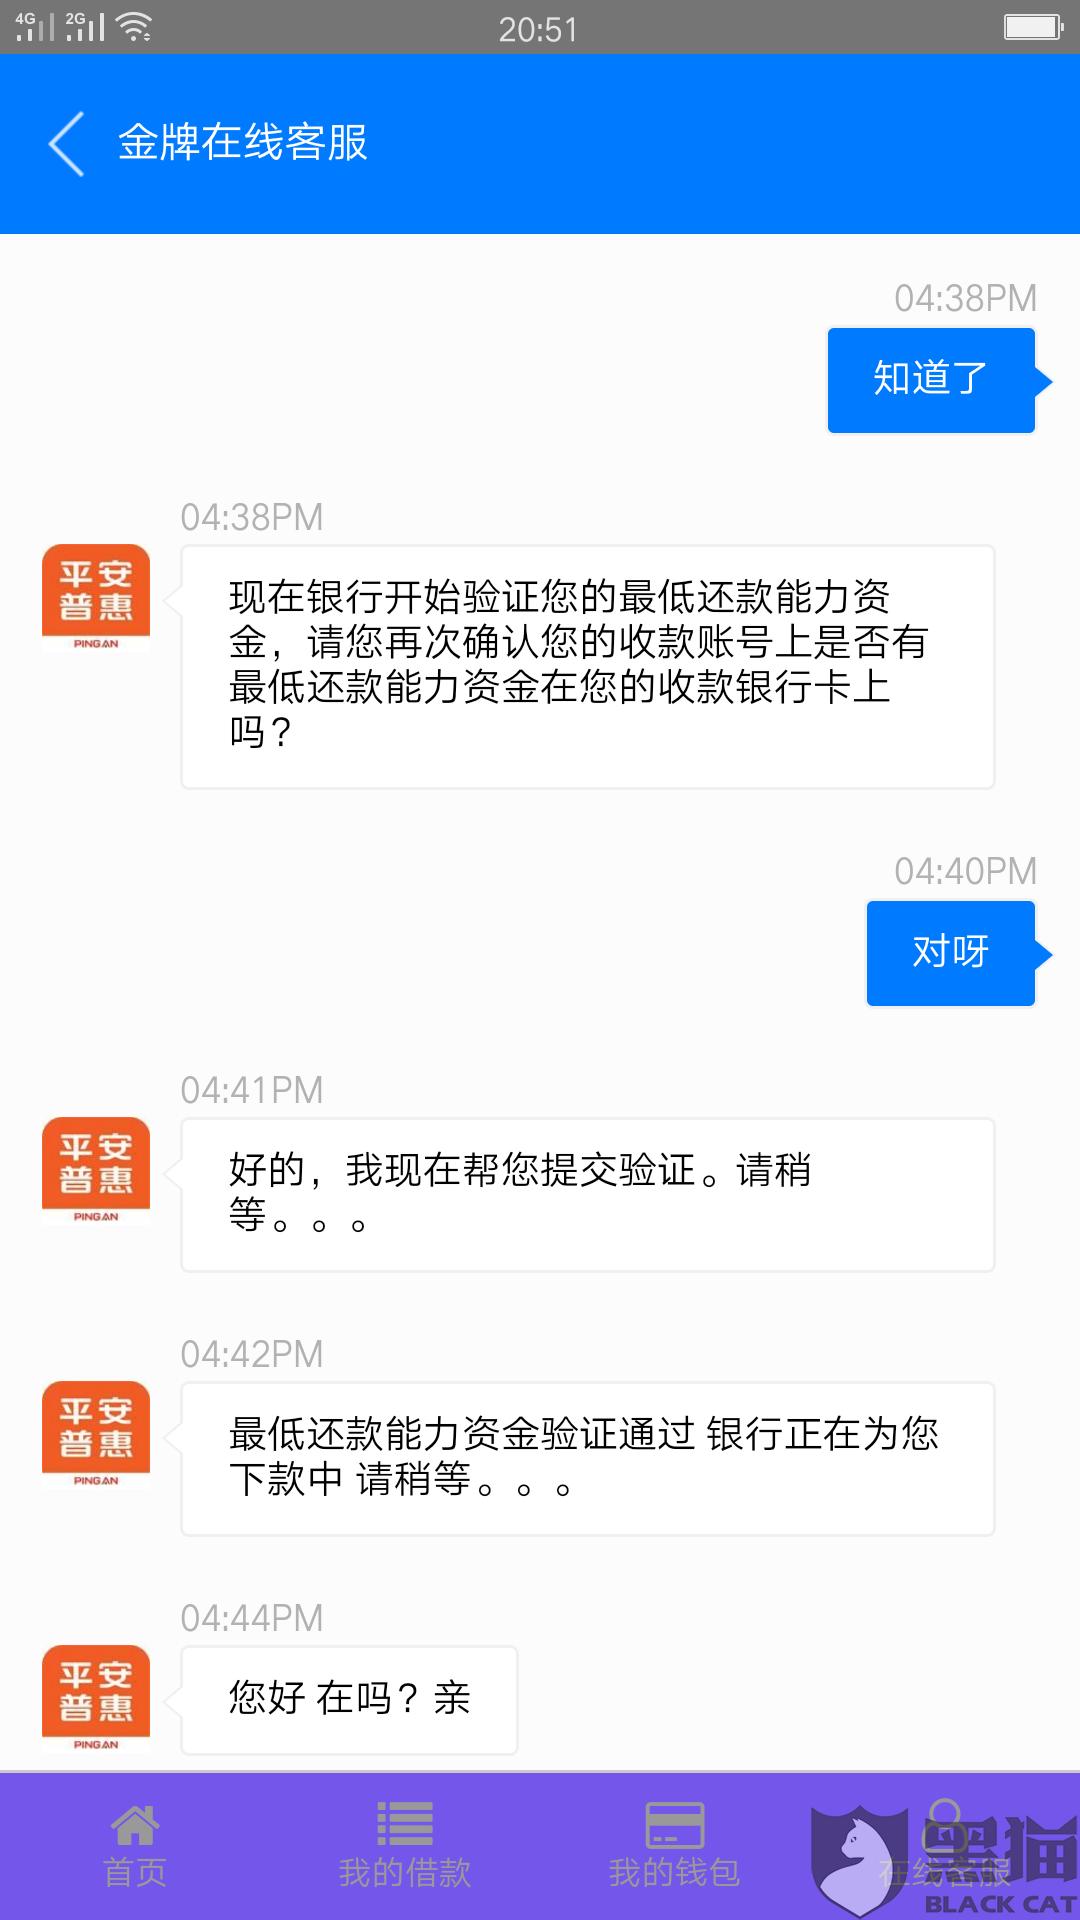 黑猫投诉:平安普惠客服说刷流水理由让我转2000后来我要求退款不给退